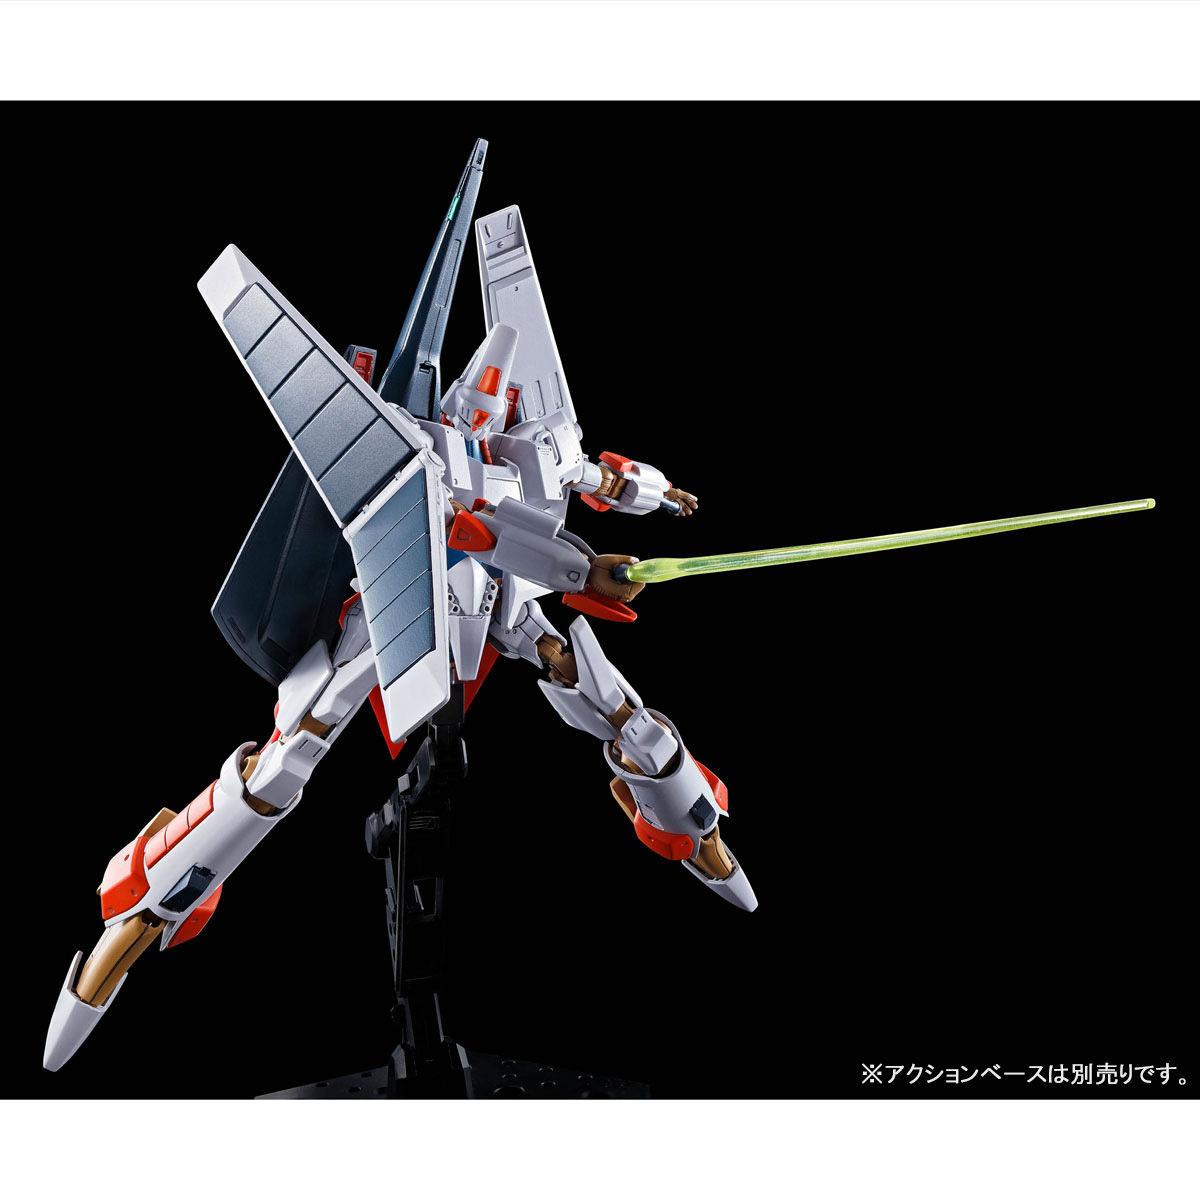 【限定販売】HG 1/144『エルガイムMk-II』重戦機エルガイム プラモデル-005